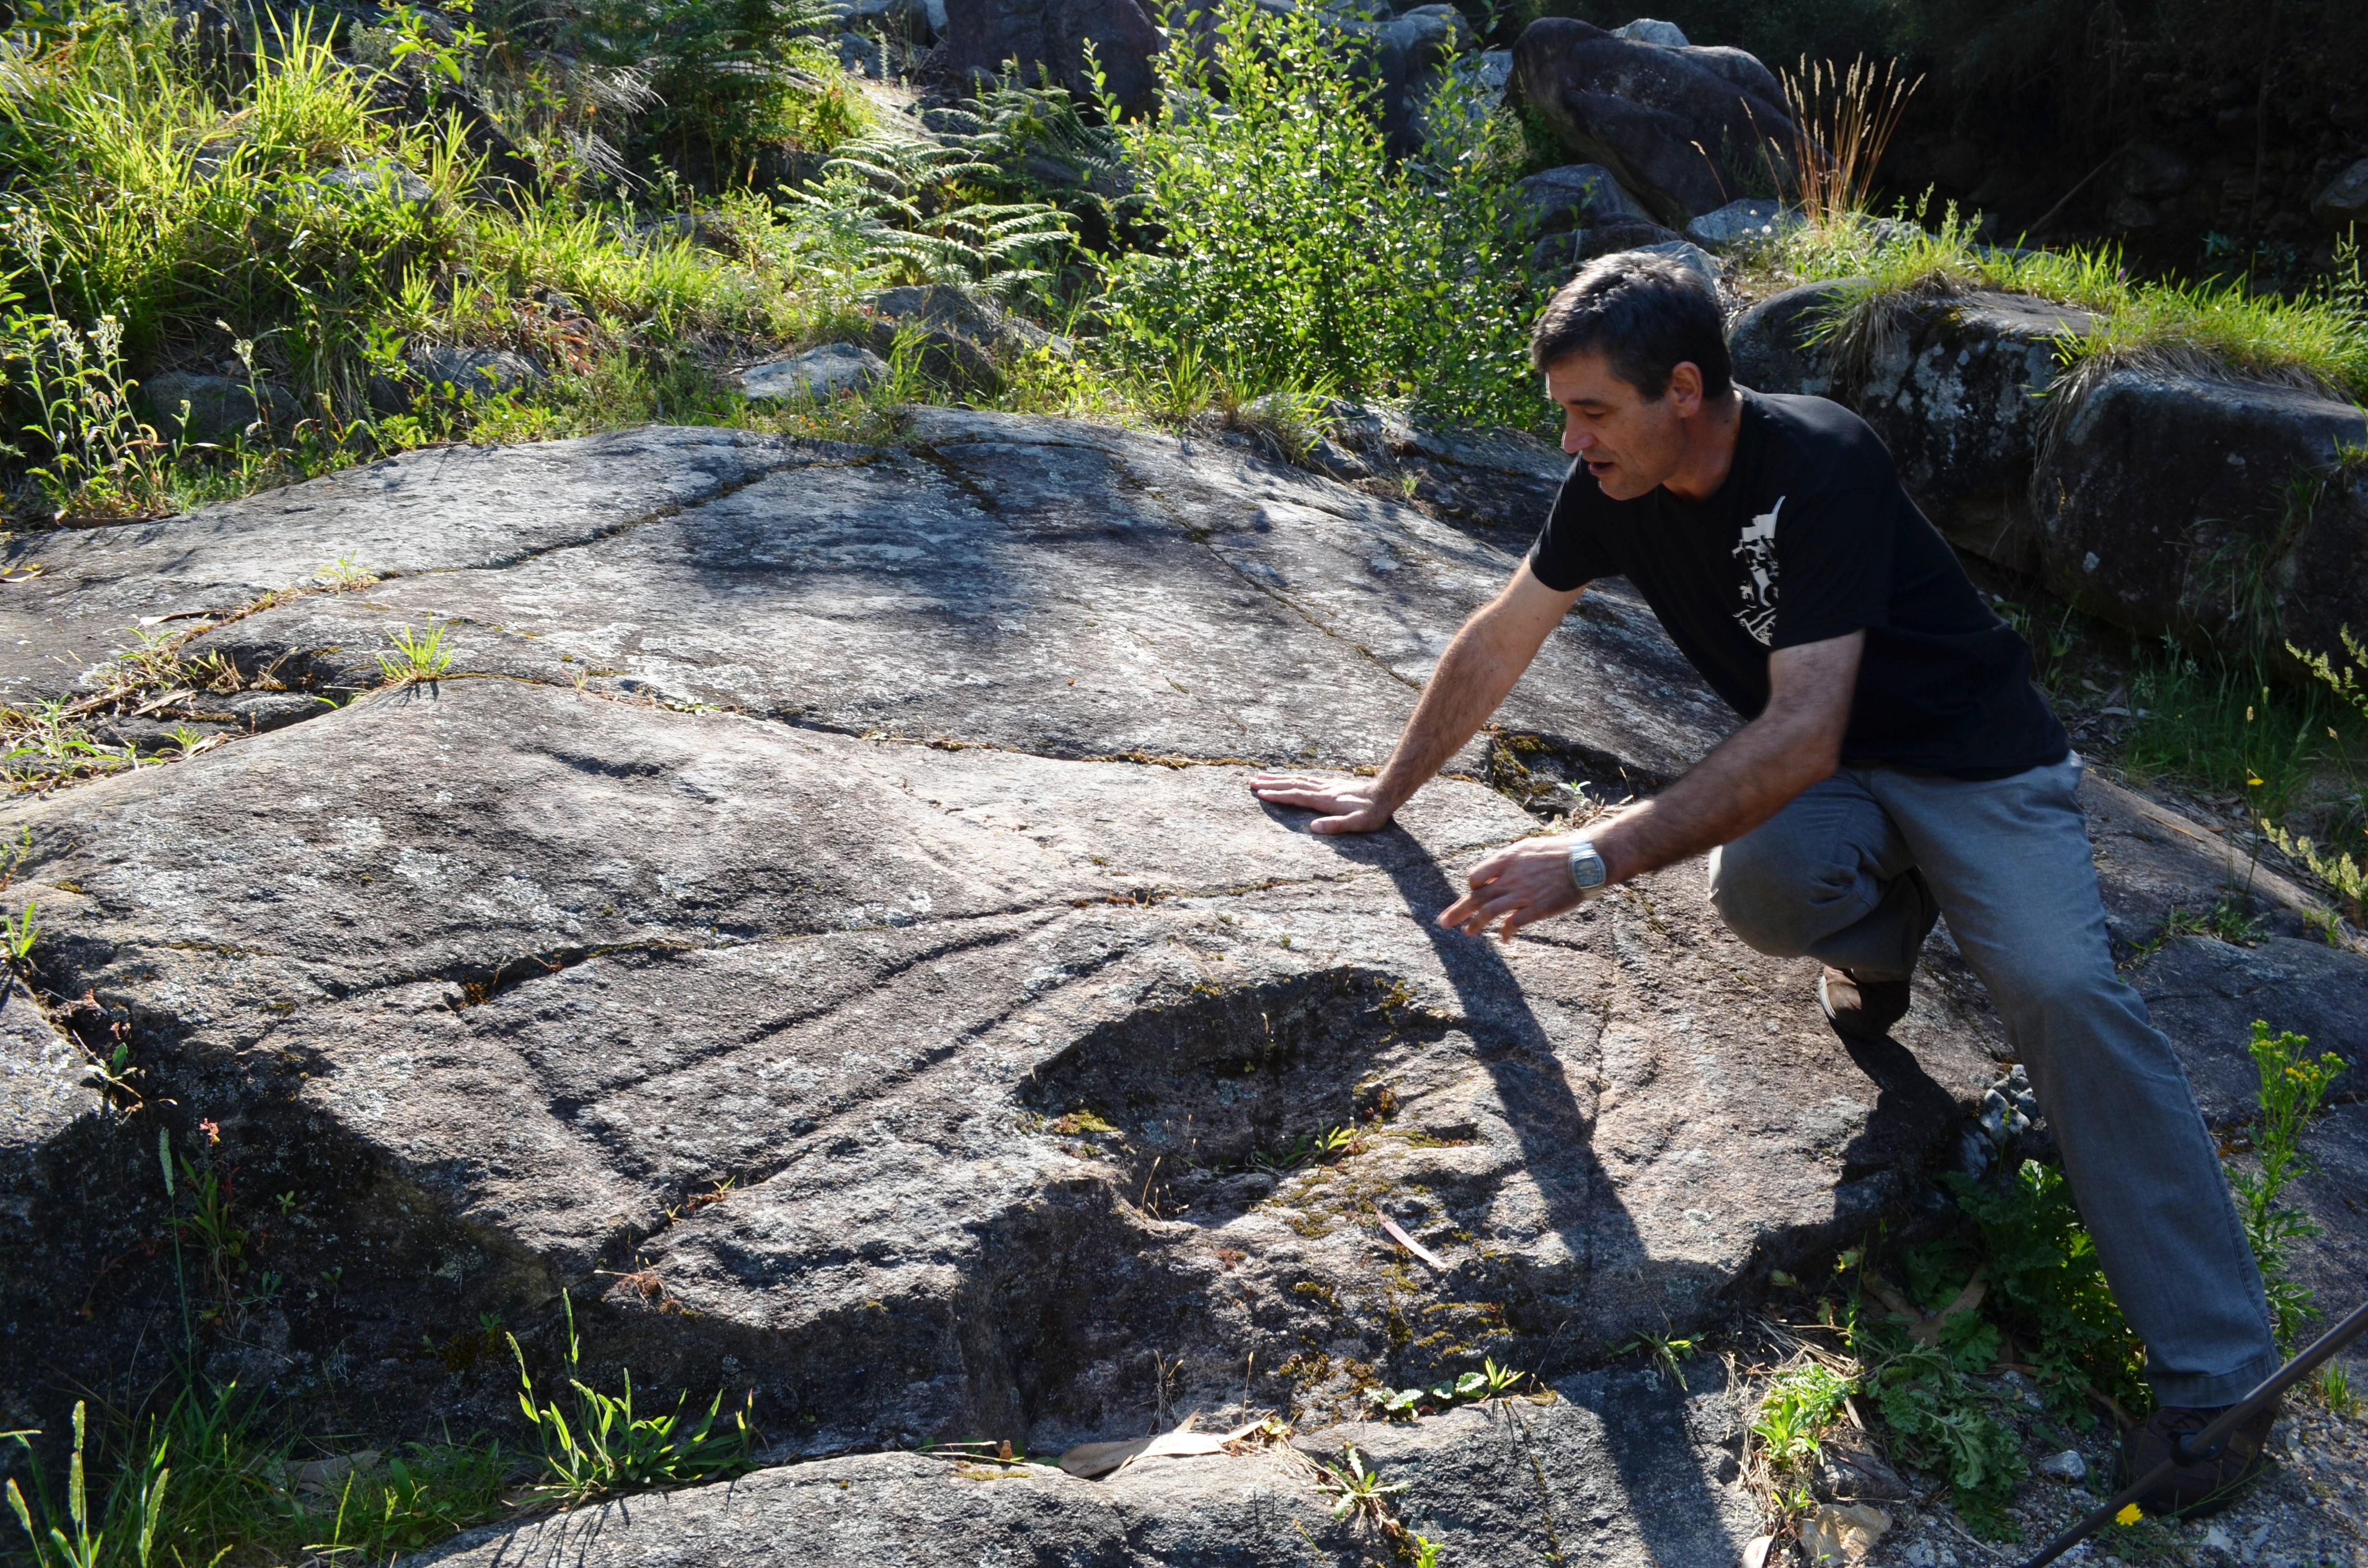 Petroglifo de Auga dos Cebros. Oia. Costa dos Castros